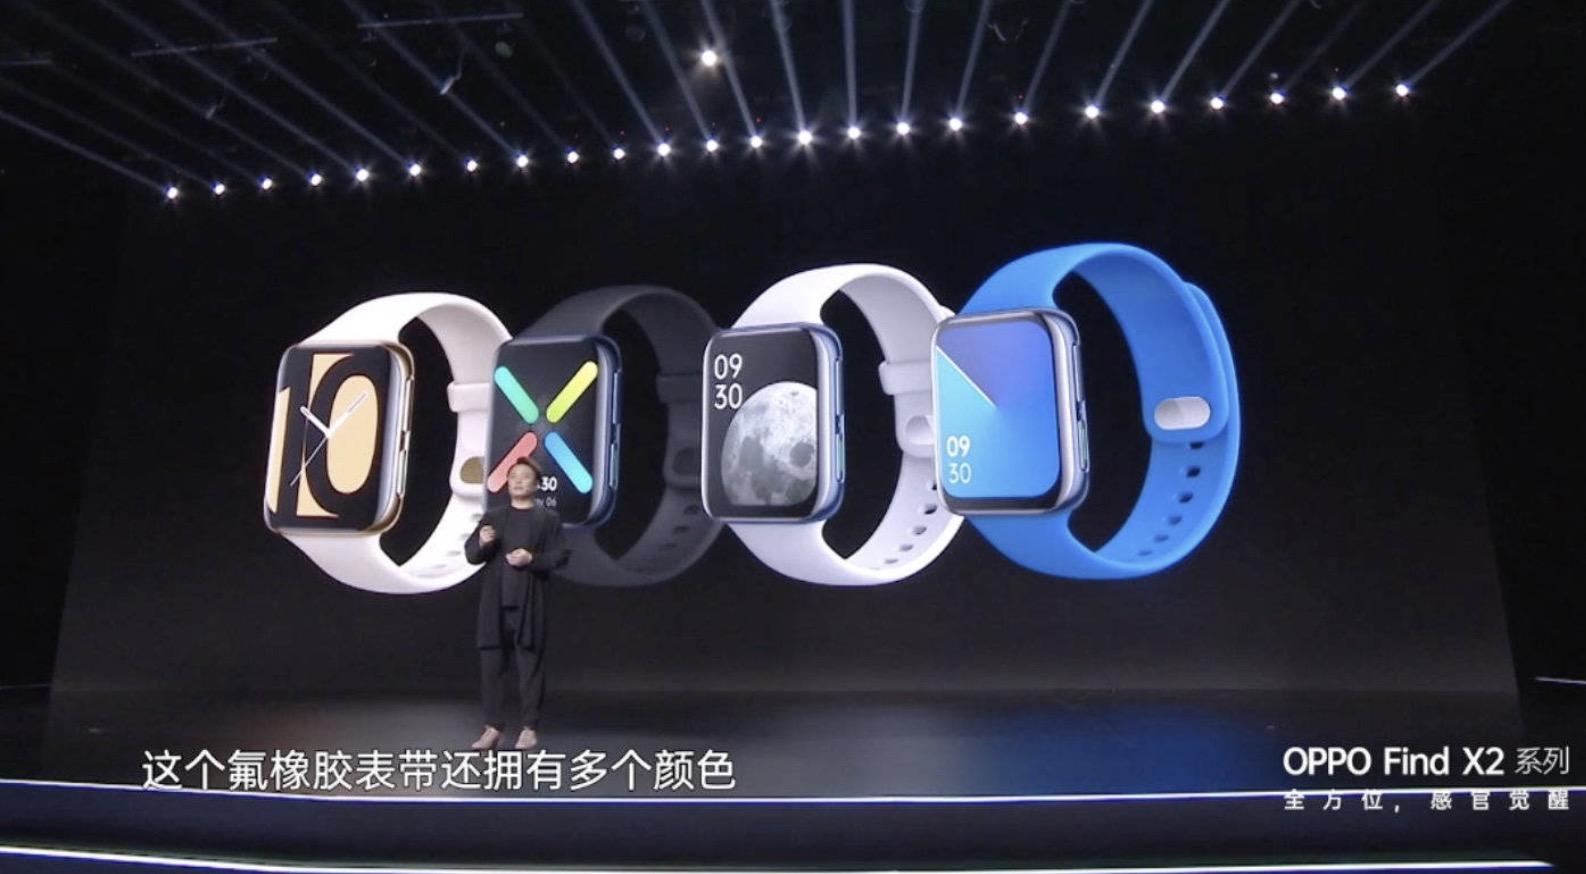 OPPO Watch chính thức ra mắt: Thiết kế giống Apple Watch, hỗ trợ eSIM, sạc nhanh VOOC, giá từ 5 triệu đồng